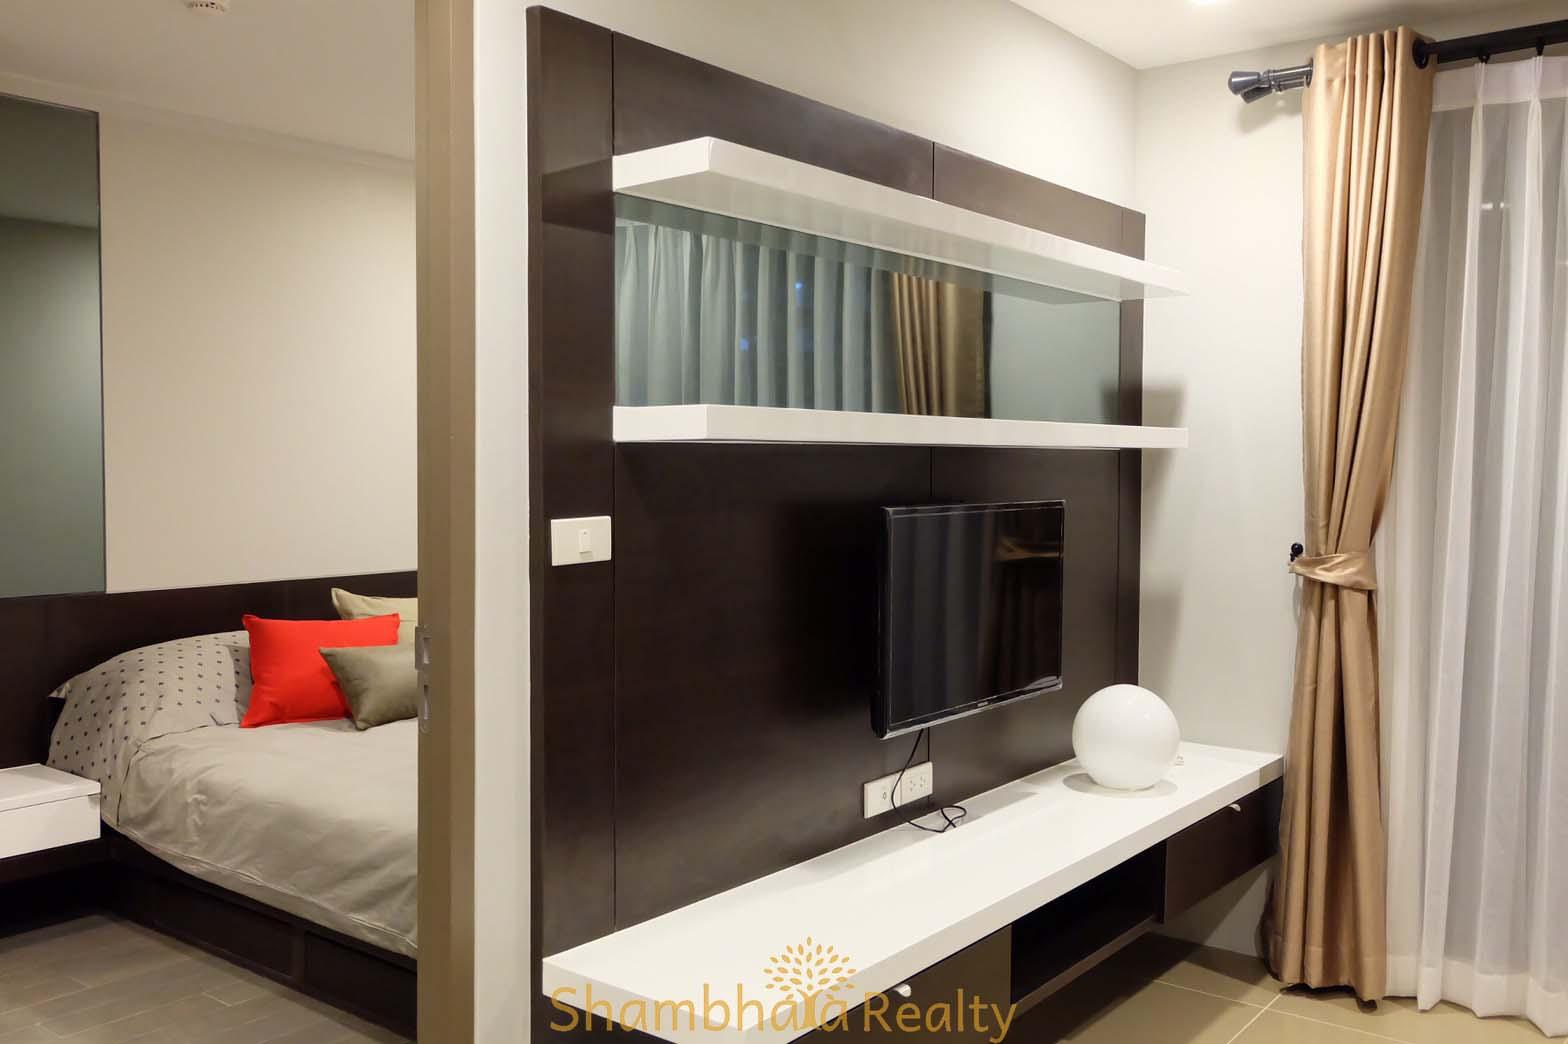 Shambhala Realty Agency's Mirage Condo For Rent, BTS Asoke 1